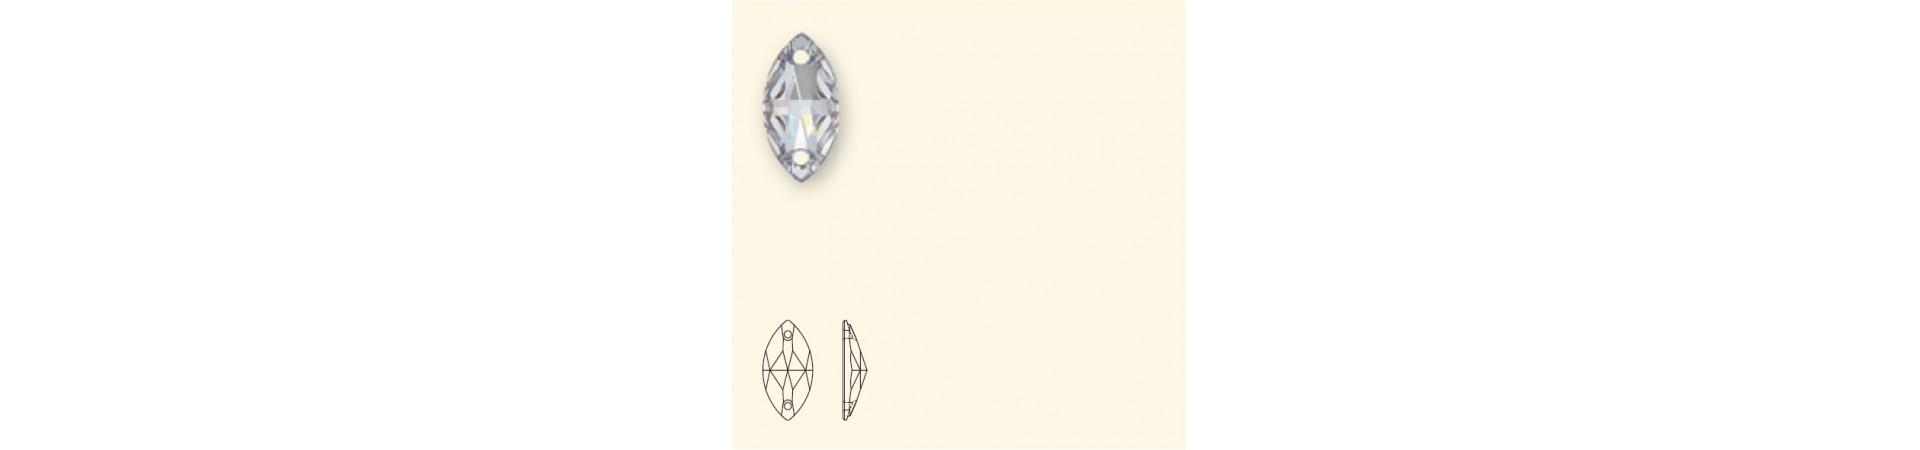 Navette 3223 Пришивные Кристаллы